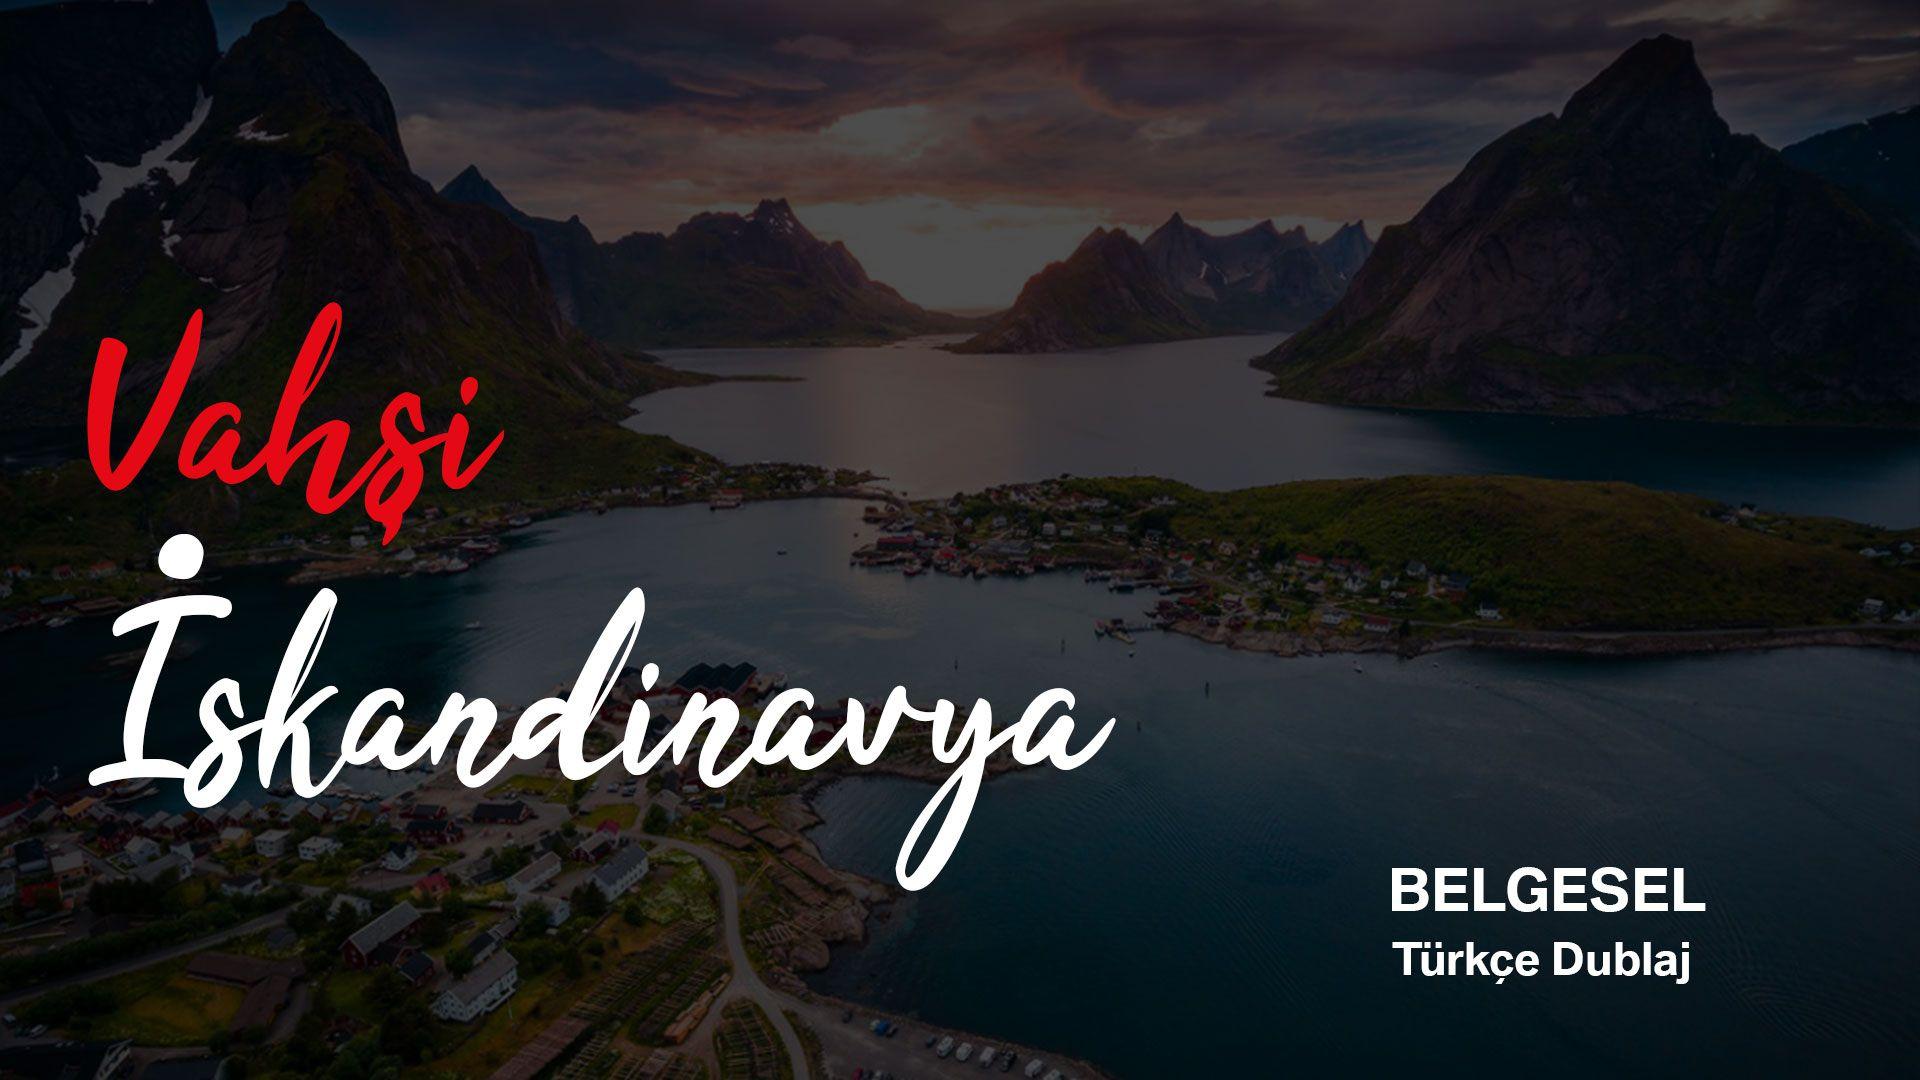 Vahşi İskandinavya Belgeseli - Türkçe Dublaj